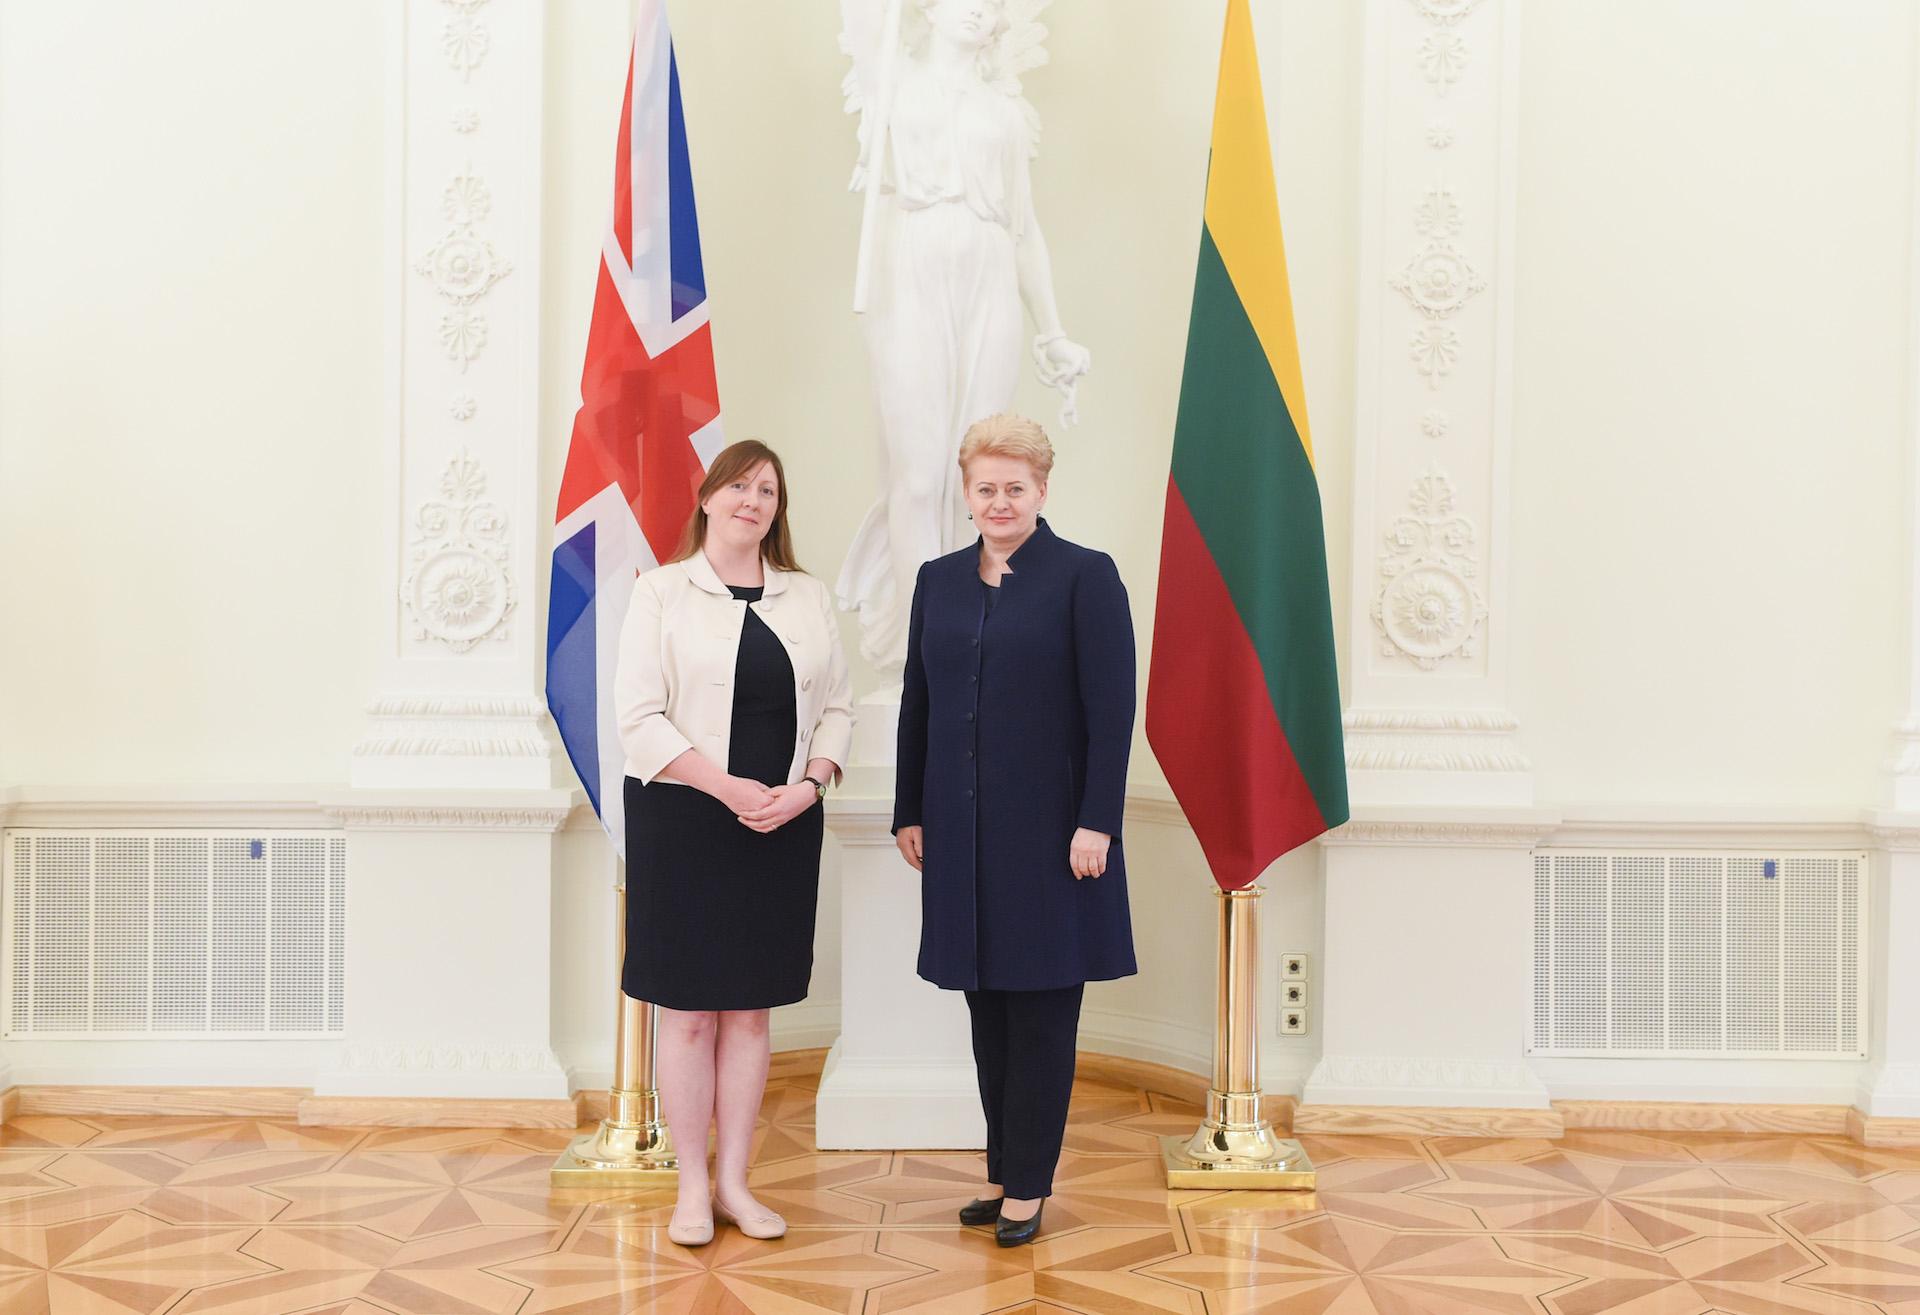 Baltojoje Lietuvos Respublikos Prezidento rūmų salėje, kredencialų teikimo ceremonijoje ambasadorė Claire Louise Lawrence (kairėje) su Jos Ekscelencija Dalia Grybauskaite. LR Prezidentūros nuotr.